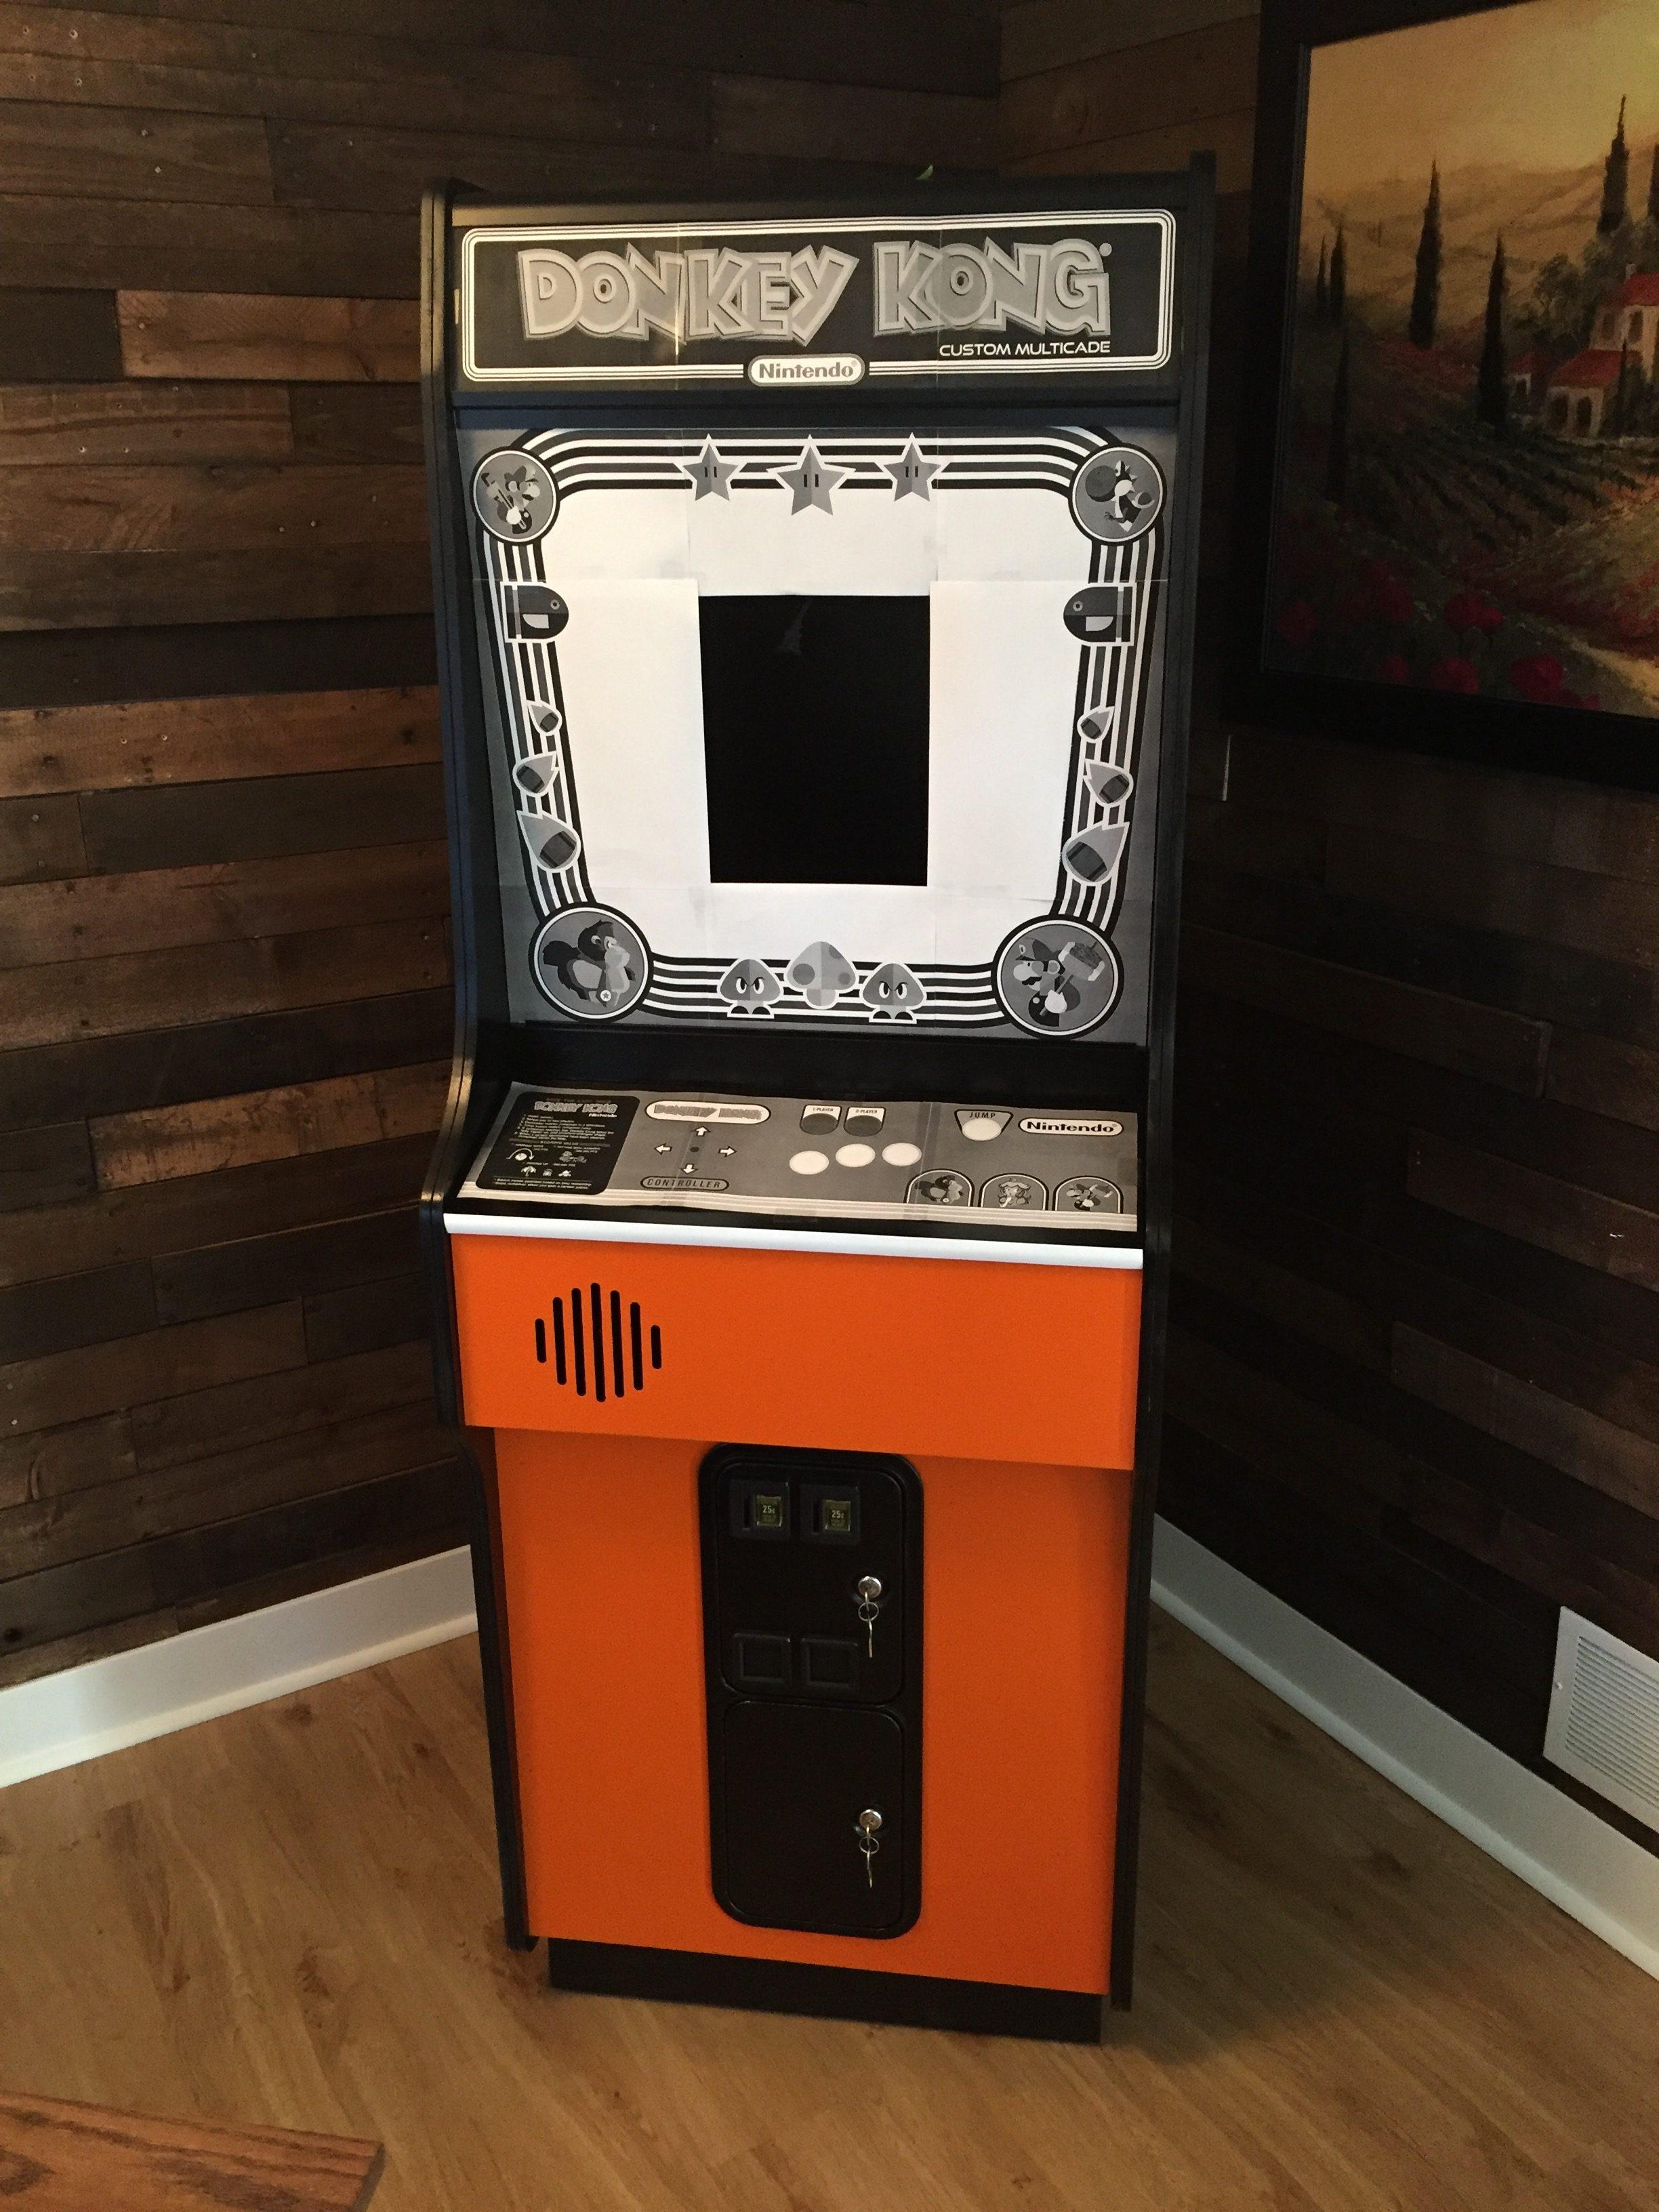 Donkey Kong Arcade Machine: Bezel Resized